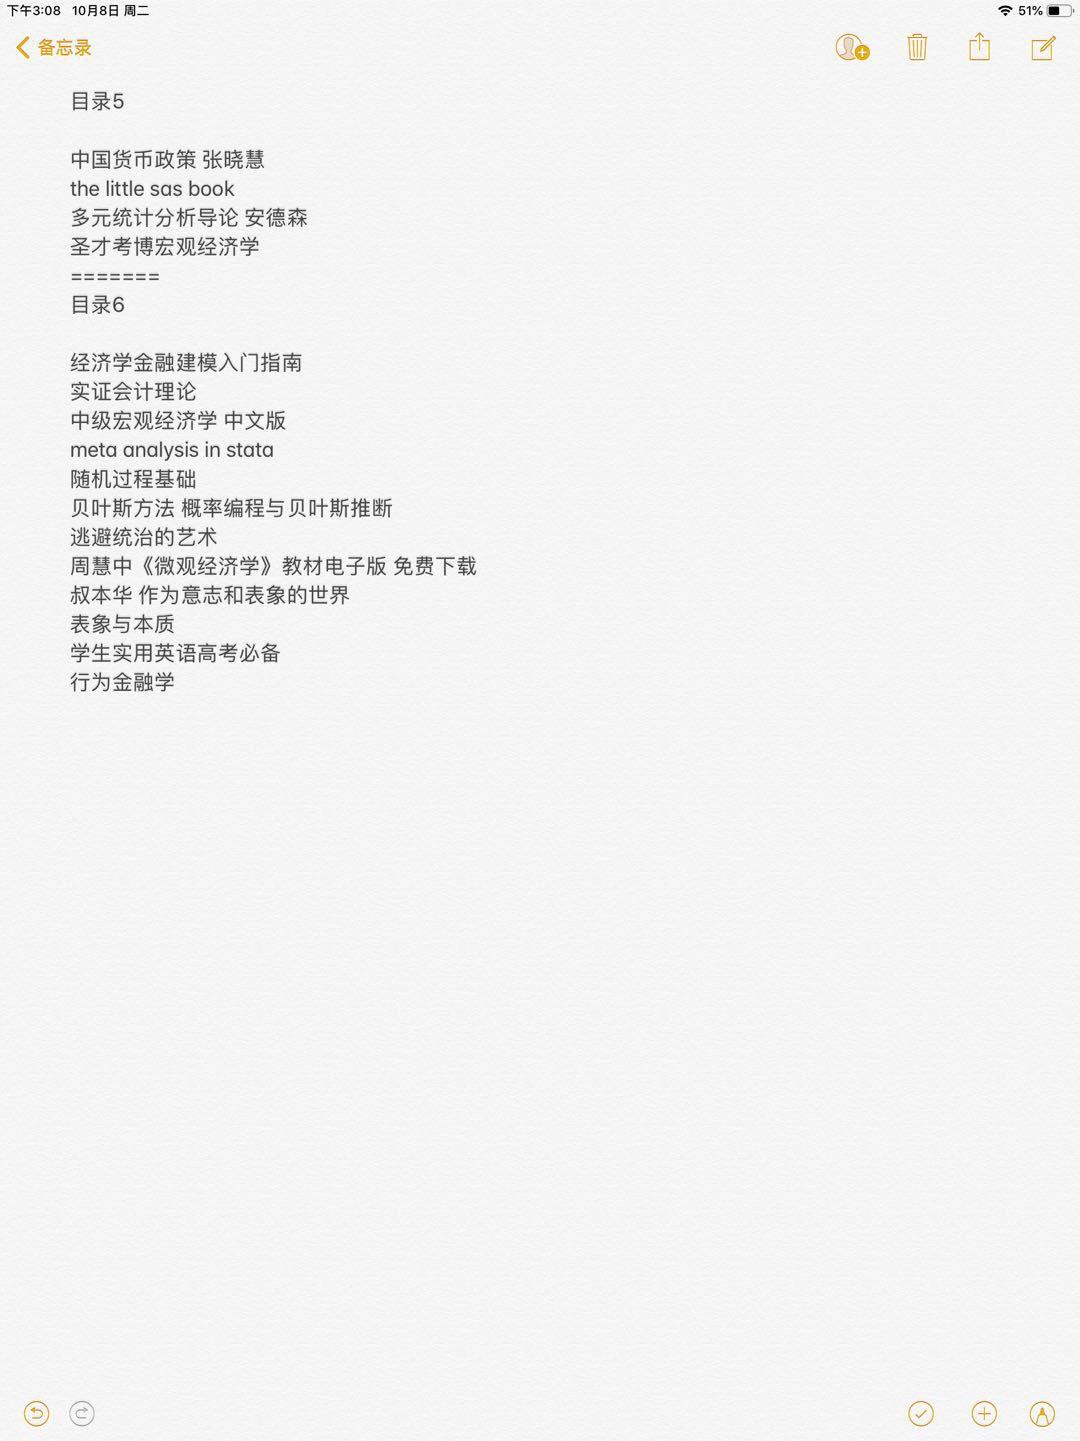 tmp_1ccd7a02f2ef036546e50933bc9d48a3.jpg